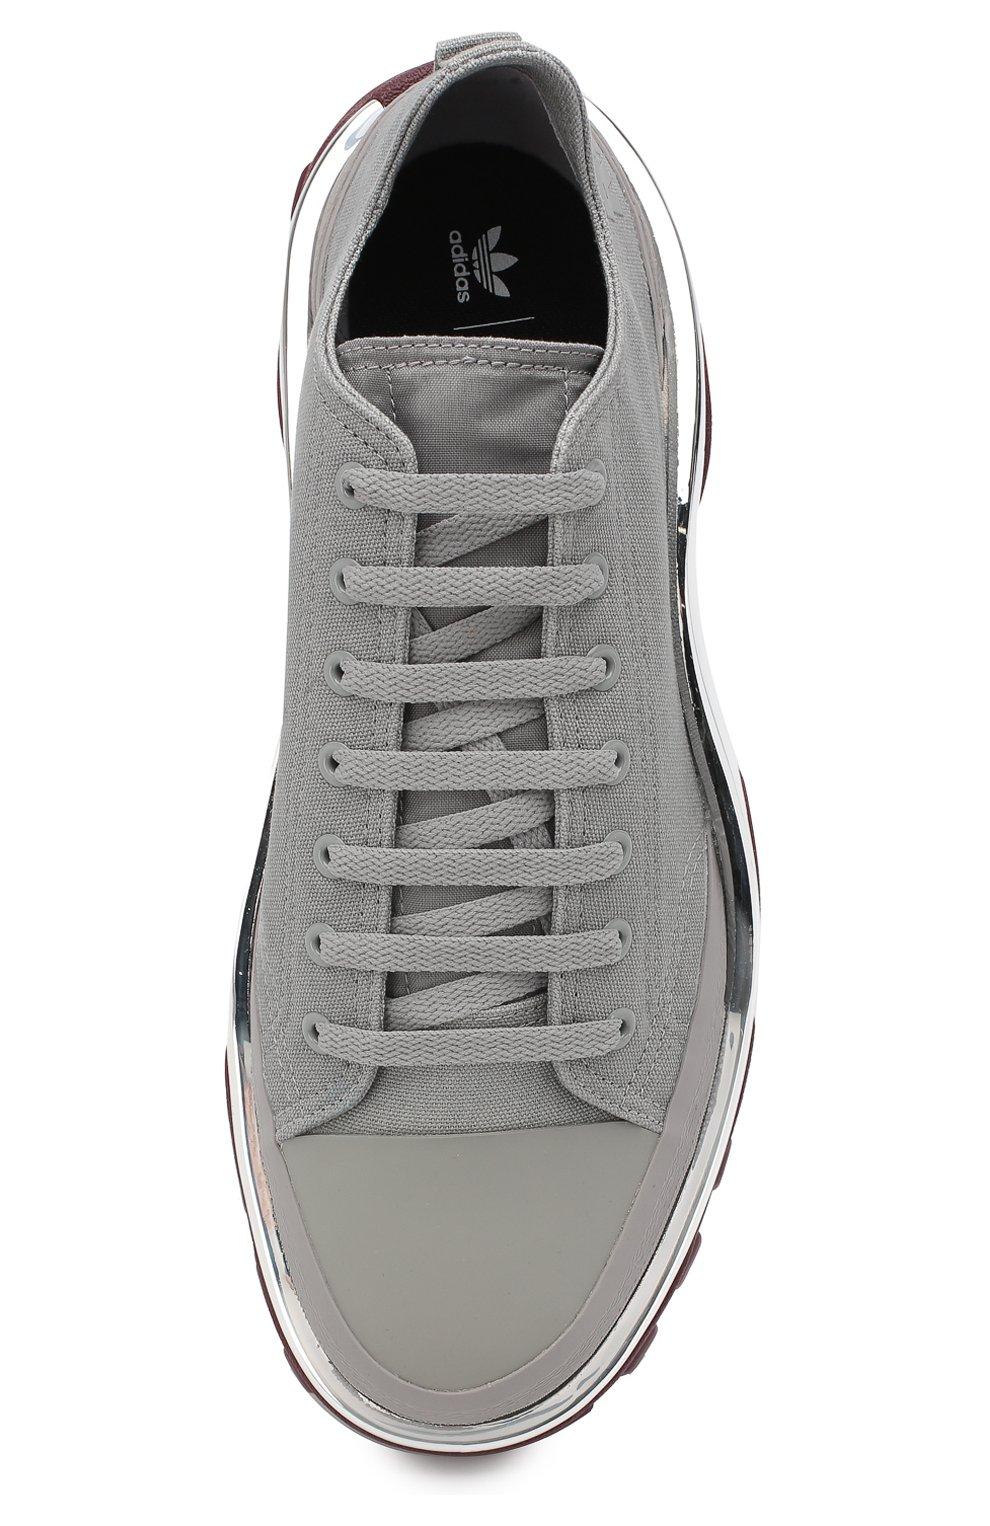 96e8d4a9ad39 Мужская обувь adidas by Raf Simons по цене от 14 600 руб. купить в  интернет-магазине ЦУМ